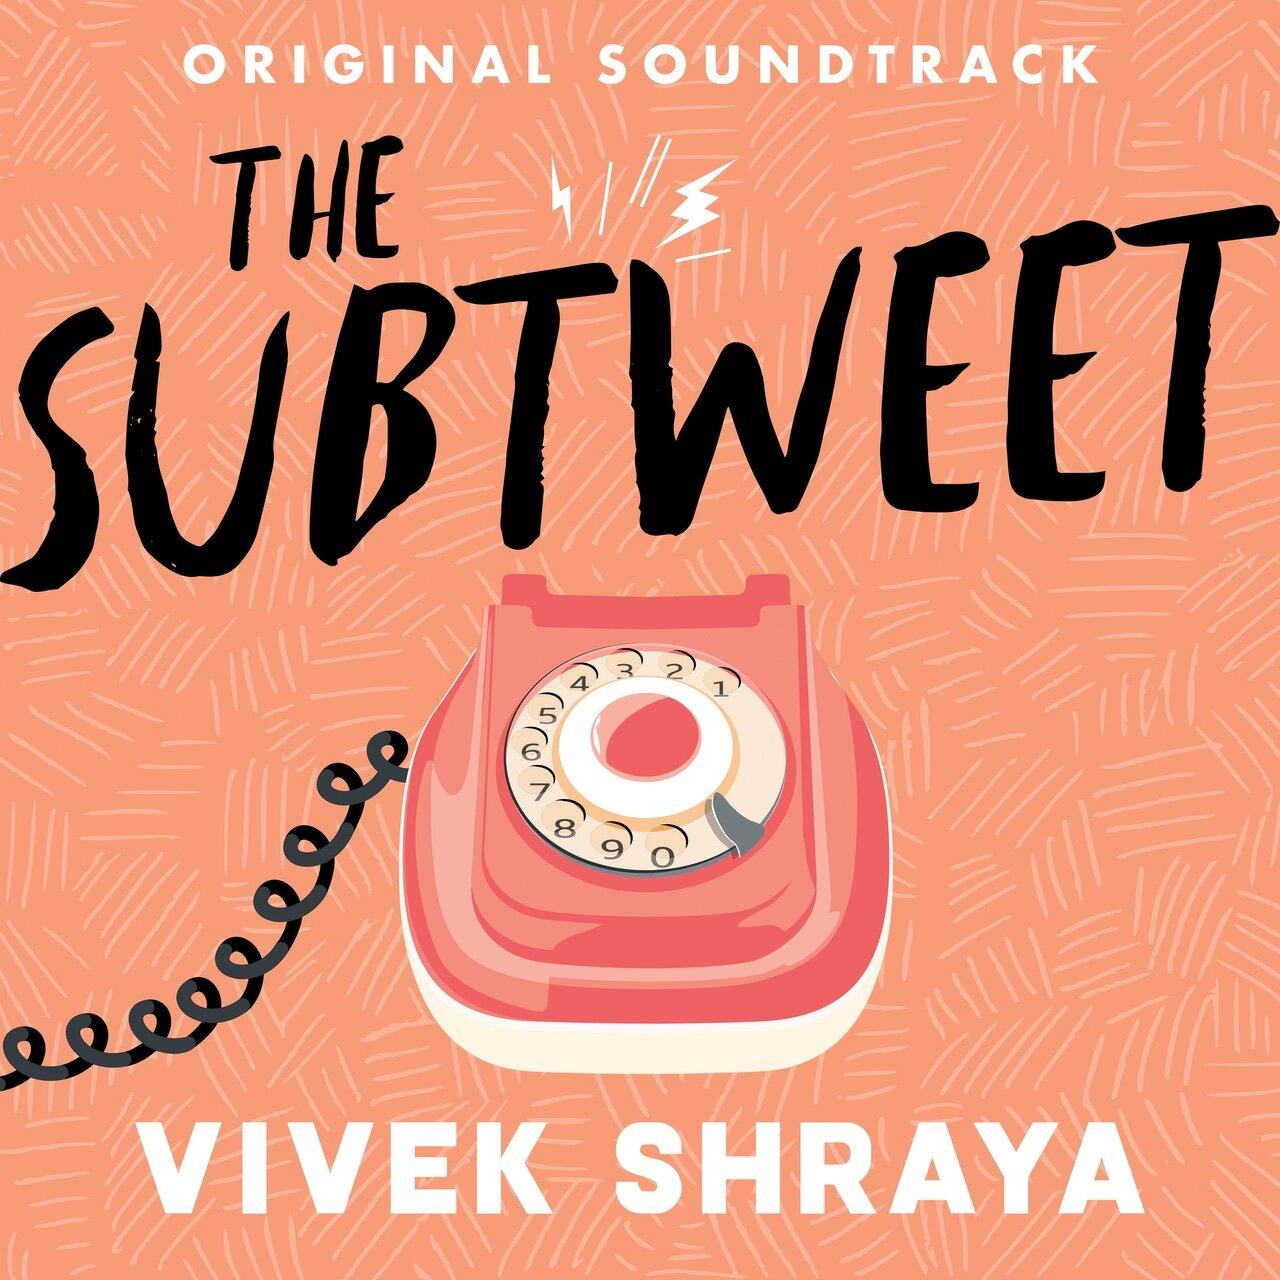 Vivek Shraya: The Subtweet (Novel Soundtrack, 2019)